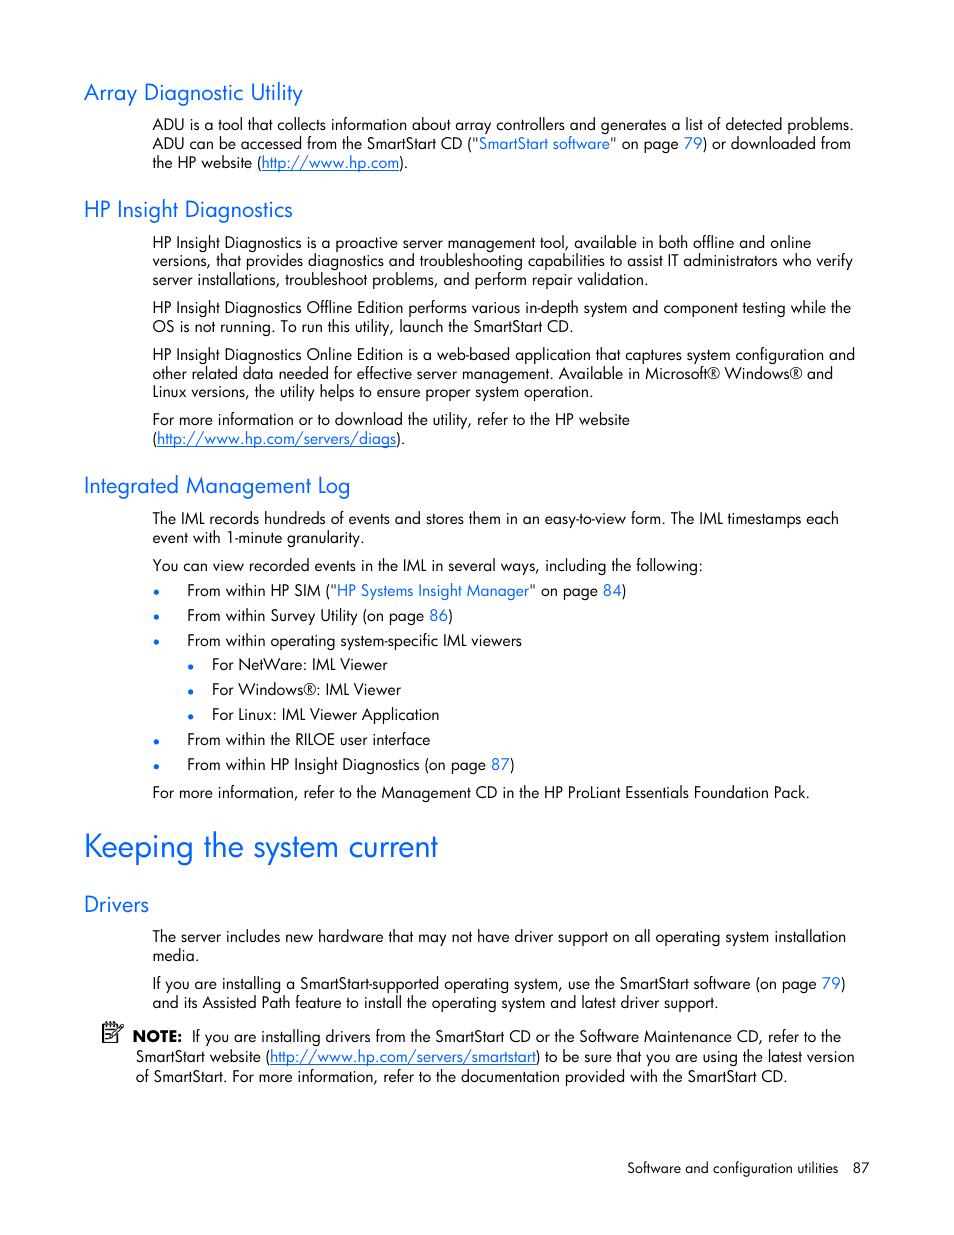 Array diagnostic utility, Hp insight diagnostics, Integrated